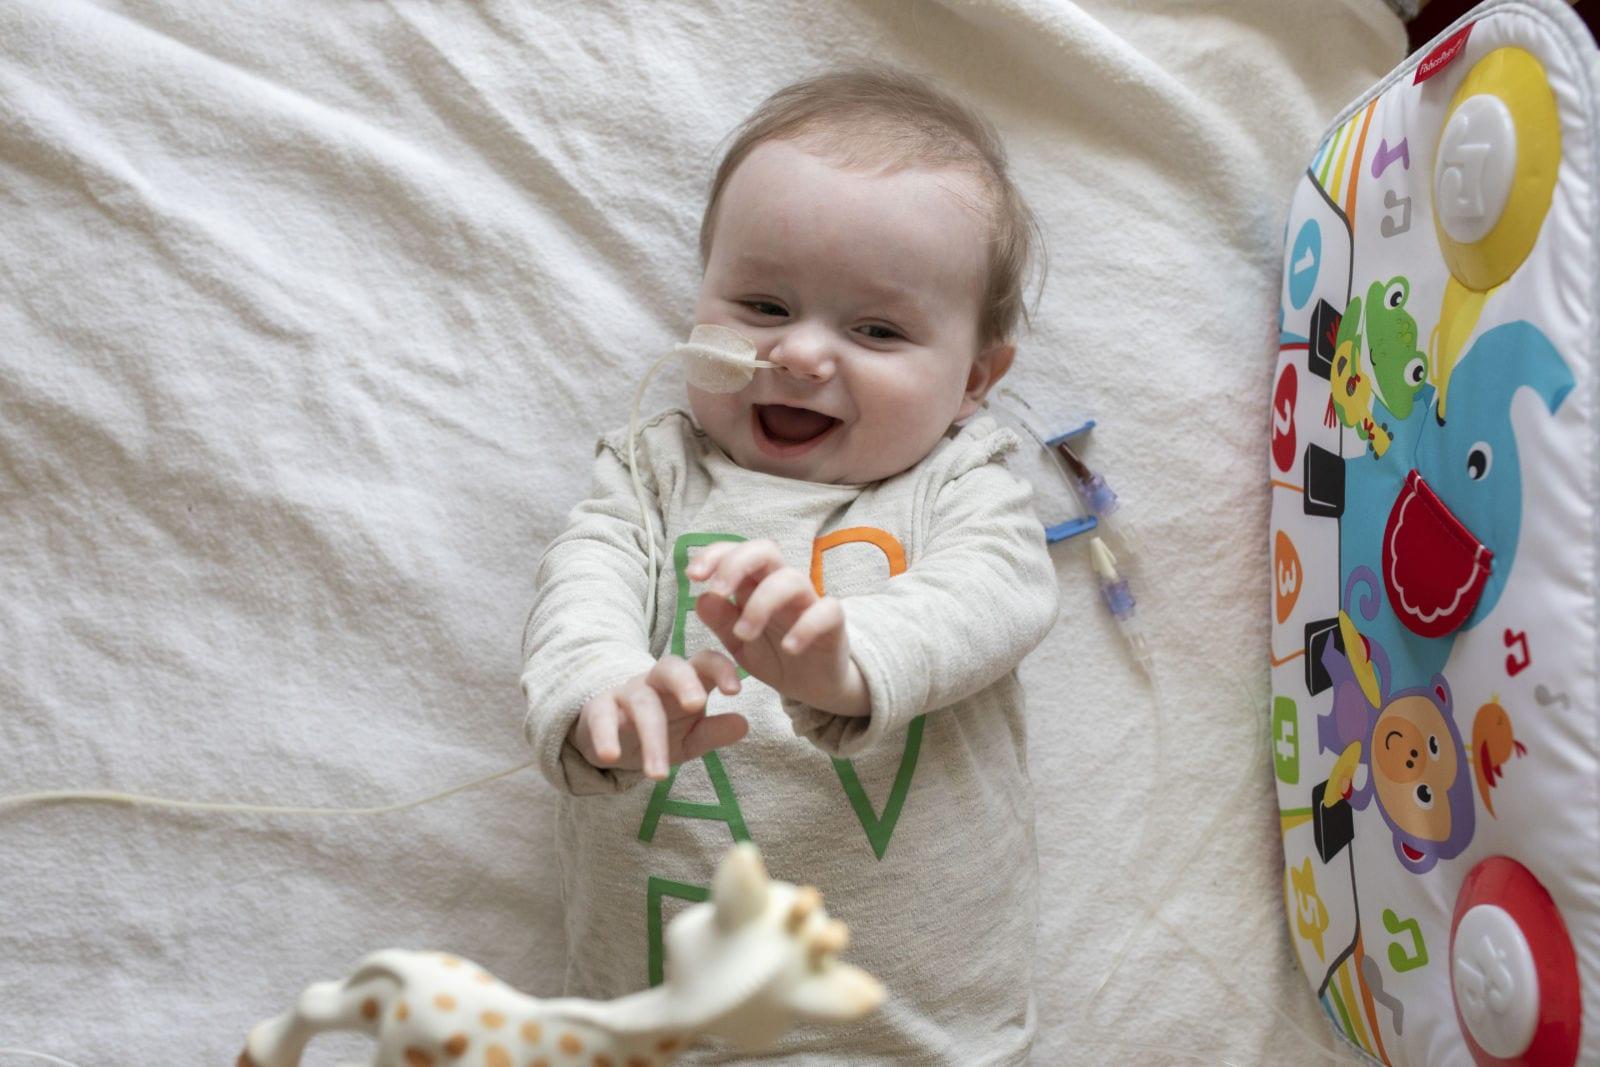 Foto's in het ziekenhuis, baby 7 maanden 3 keer geopereerd.